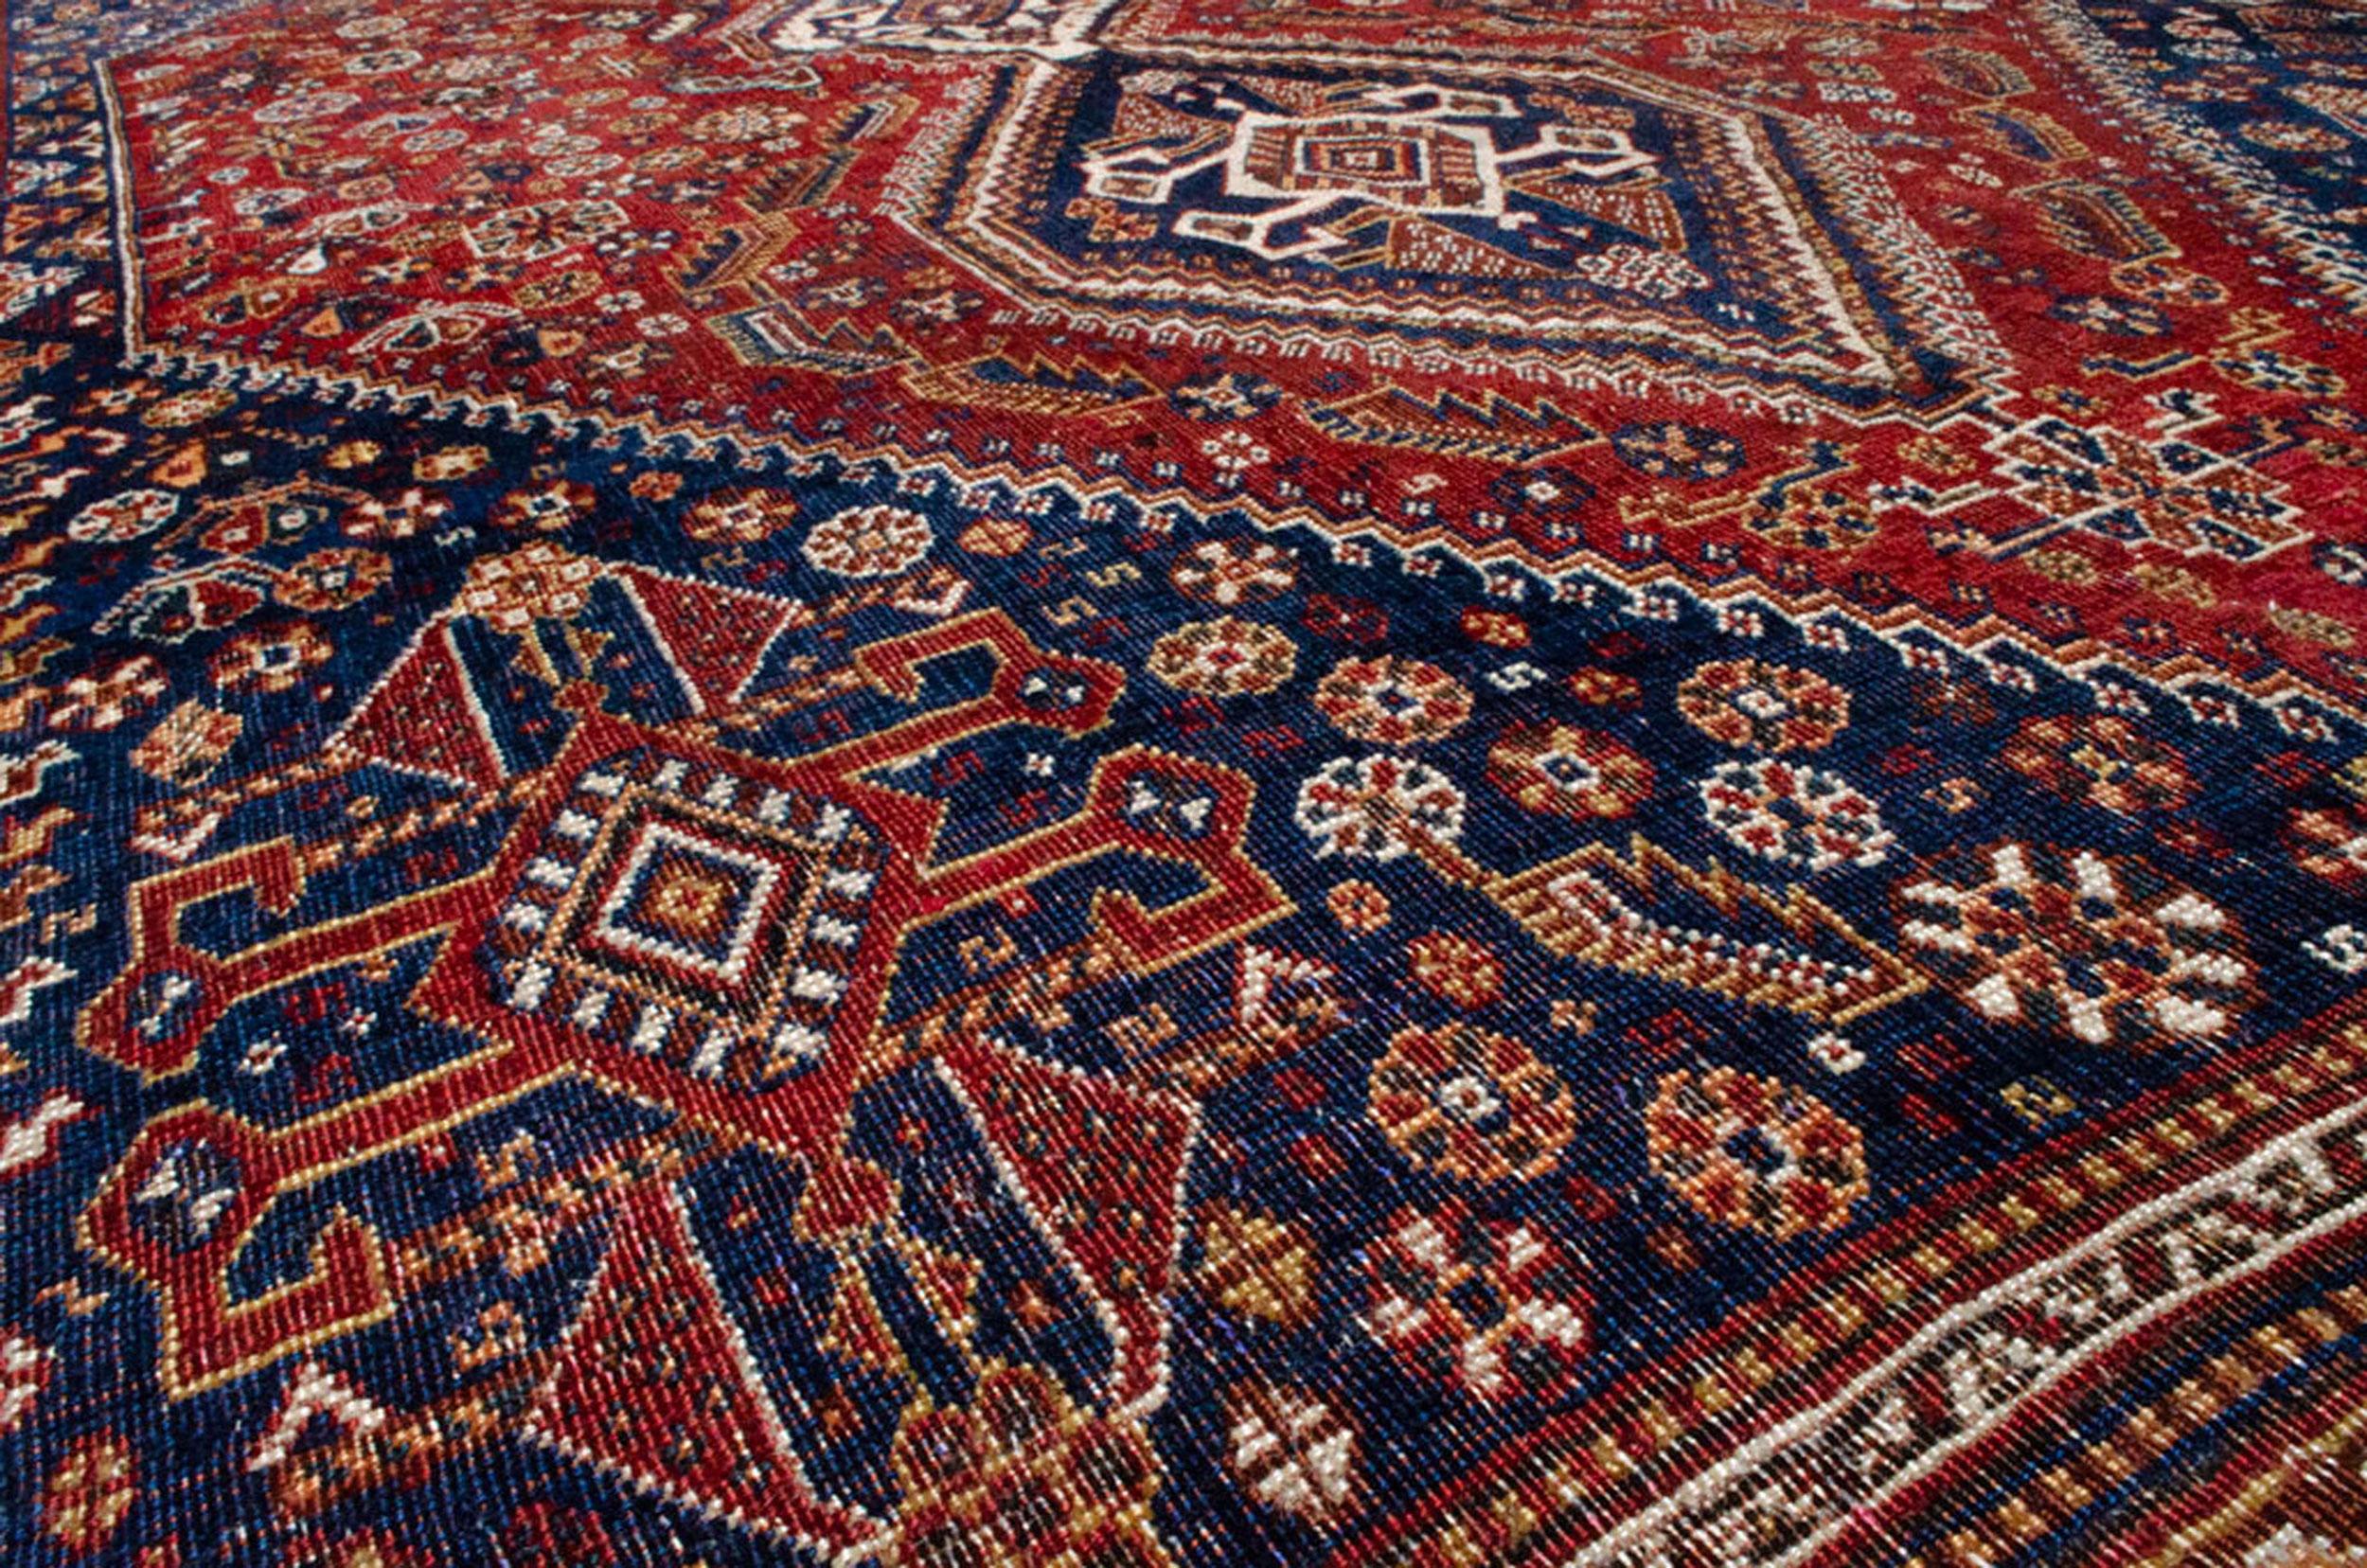 Antique Qashqai Carpet 280 x 170cm